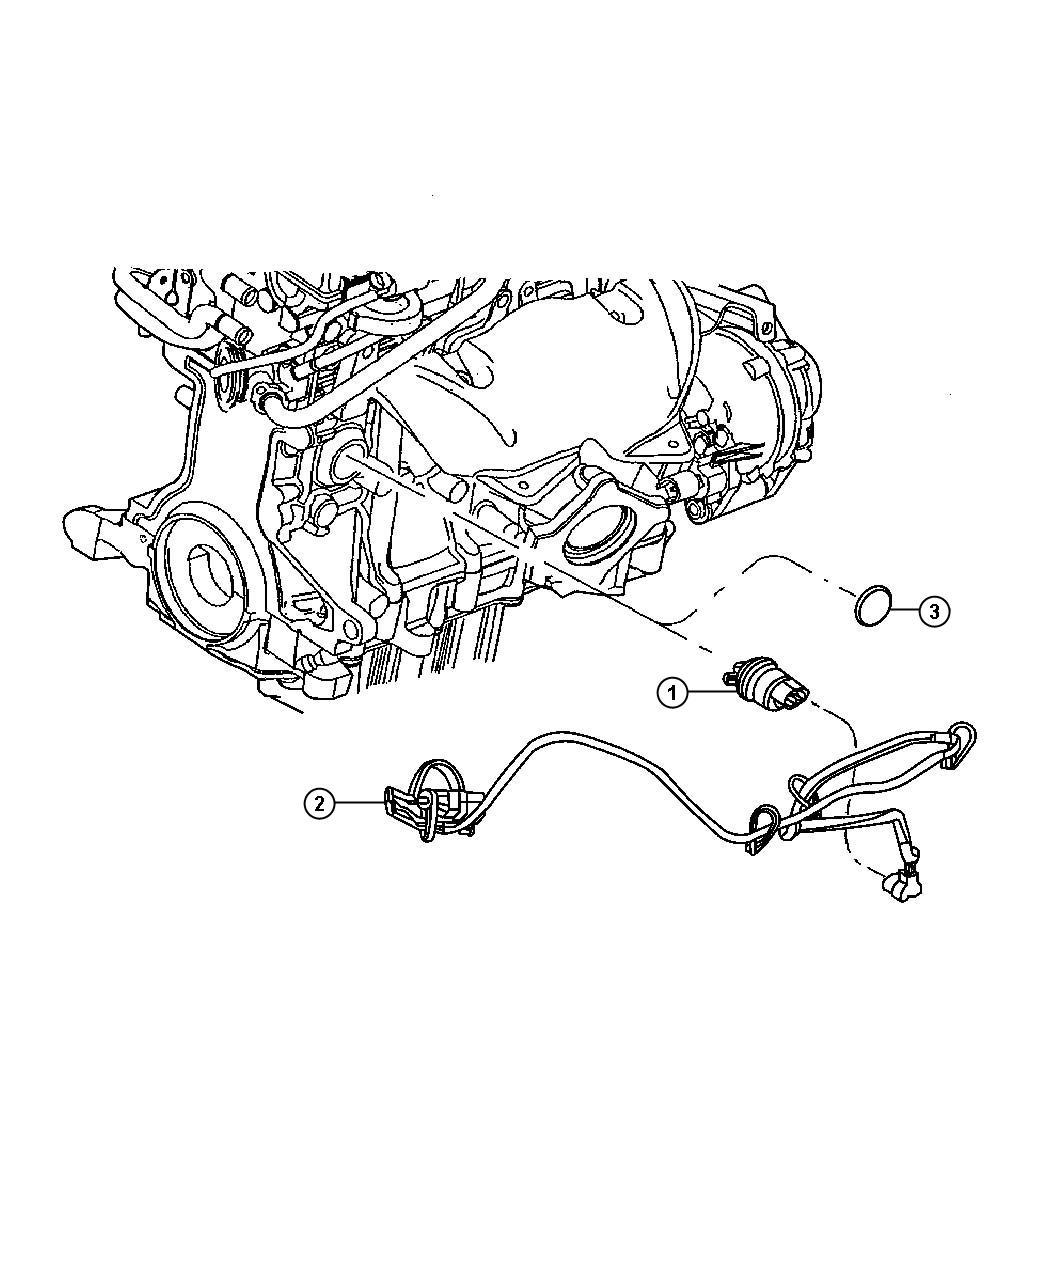 2007 Chrysler Pt Cruiser Block Heater [EDT][EDV]